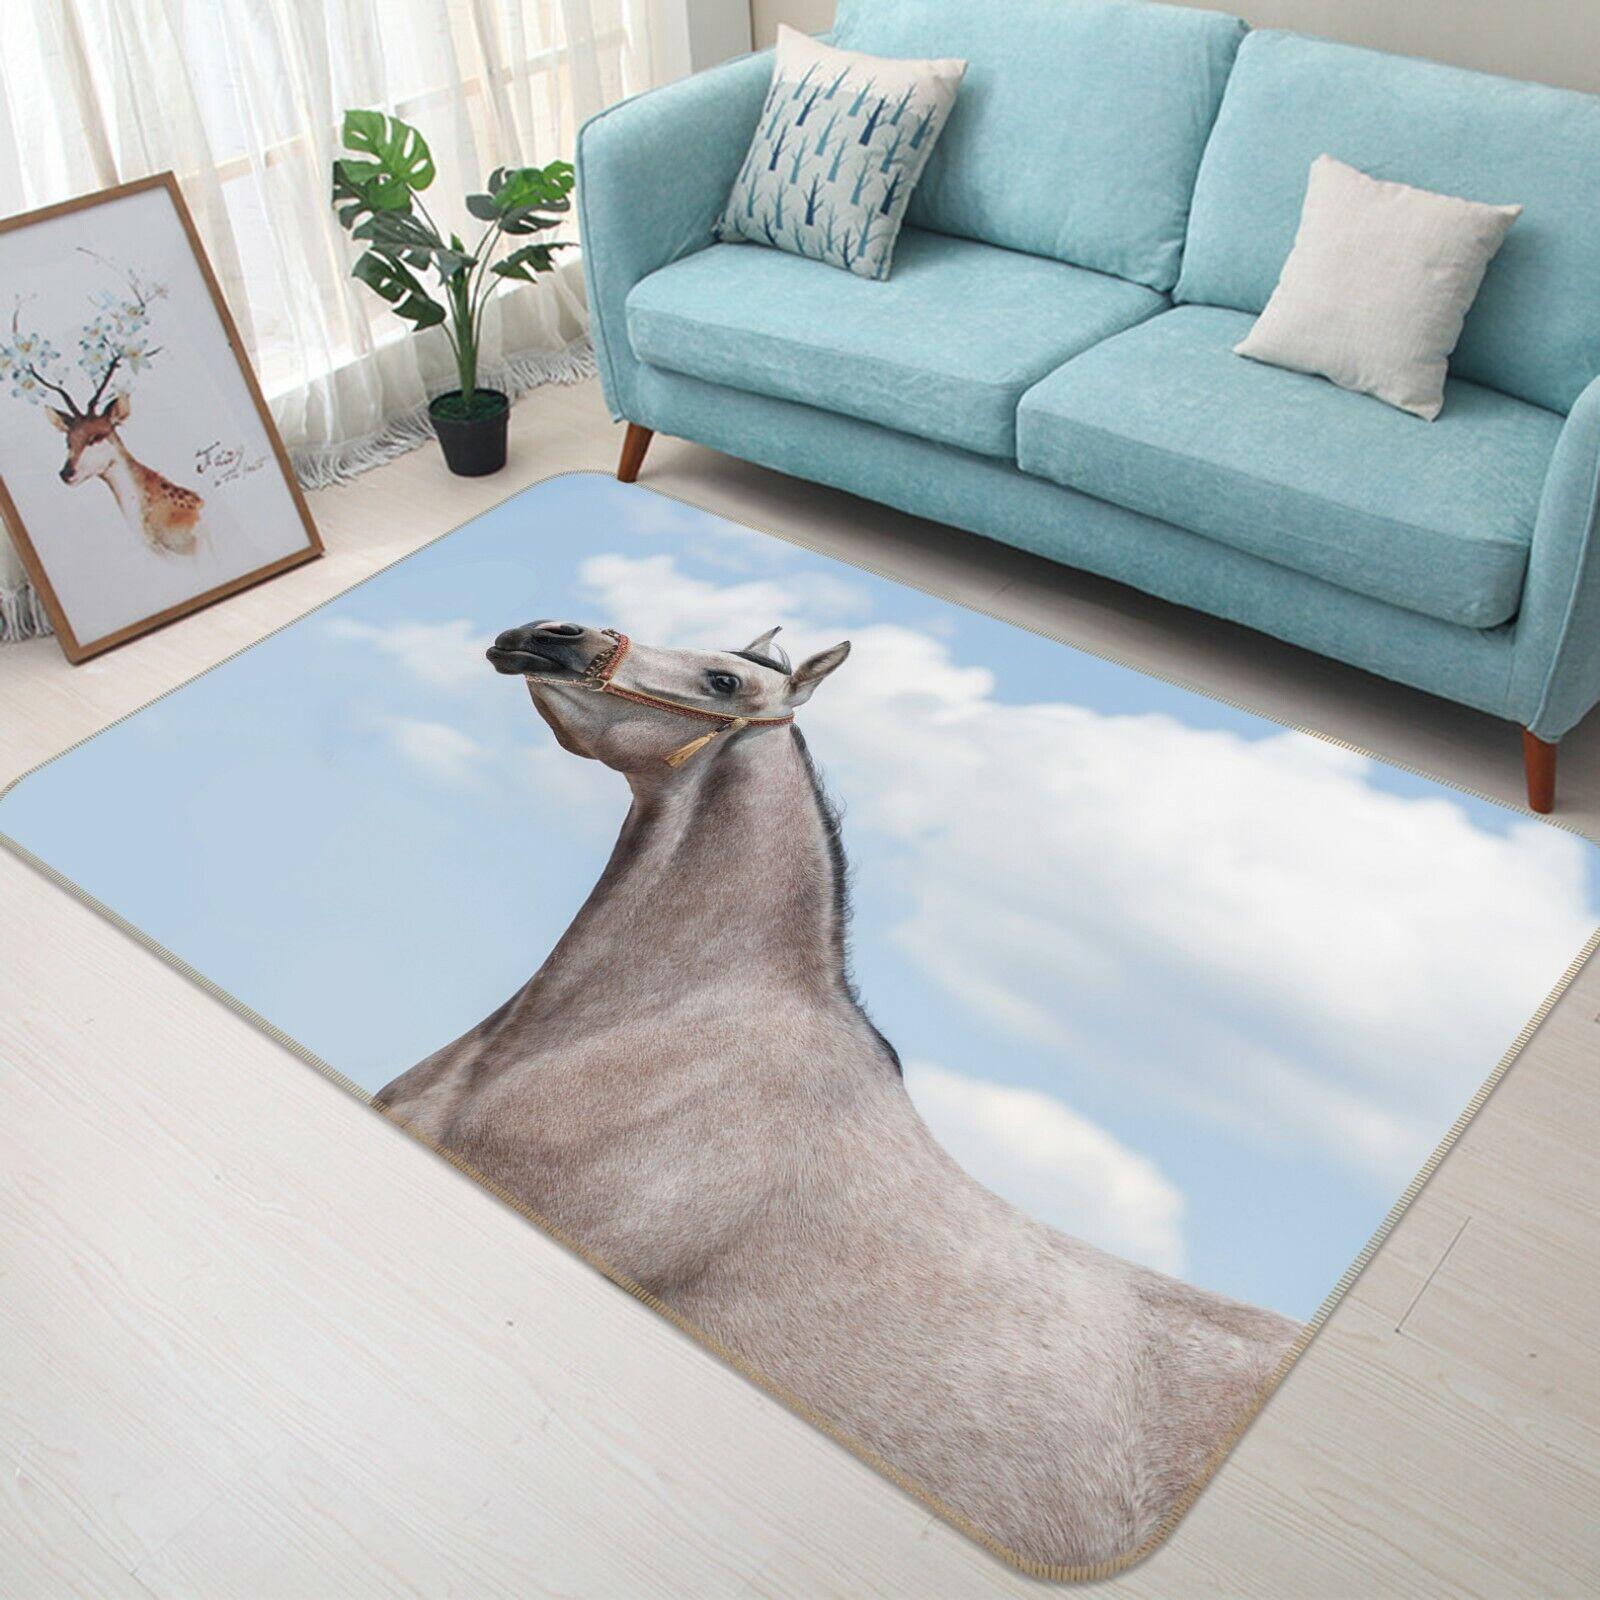 3D bianca Clouds Horse C313 Animal Non Slip Rug Mat Elegant Photo Carpet Zoe